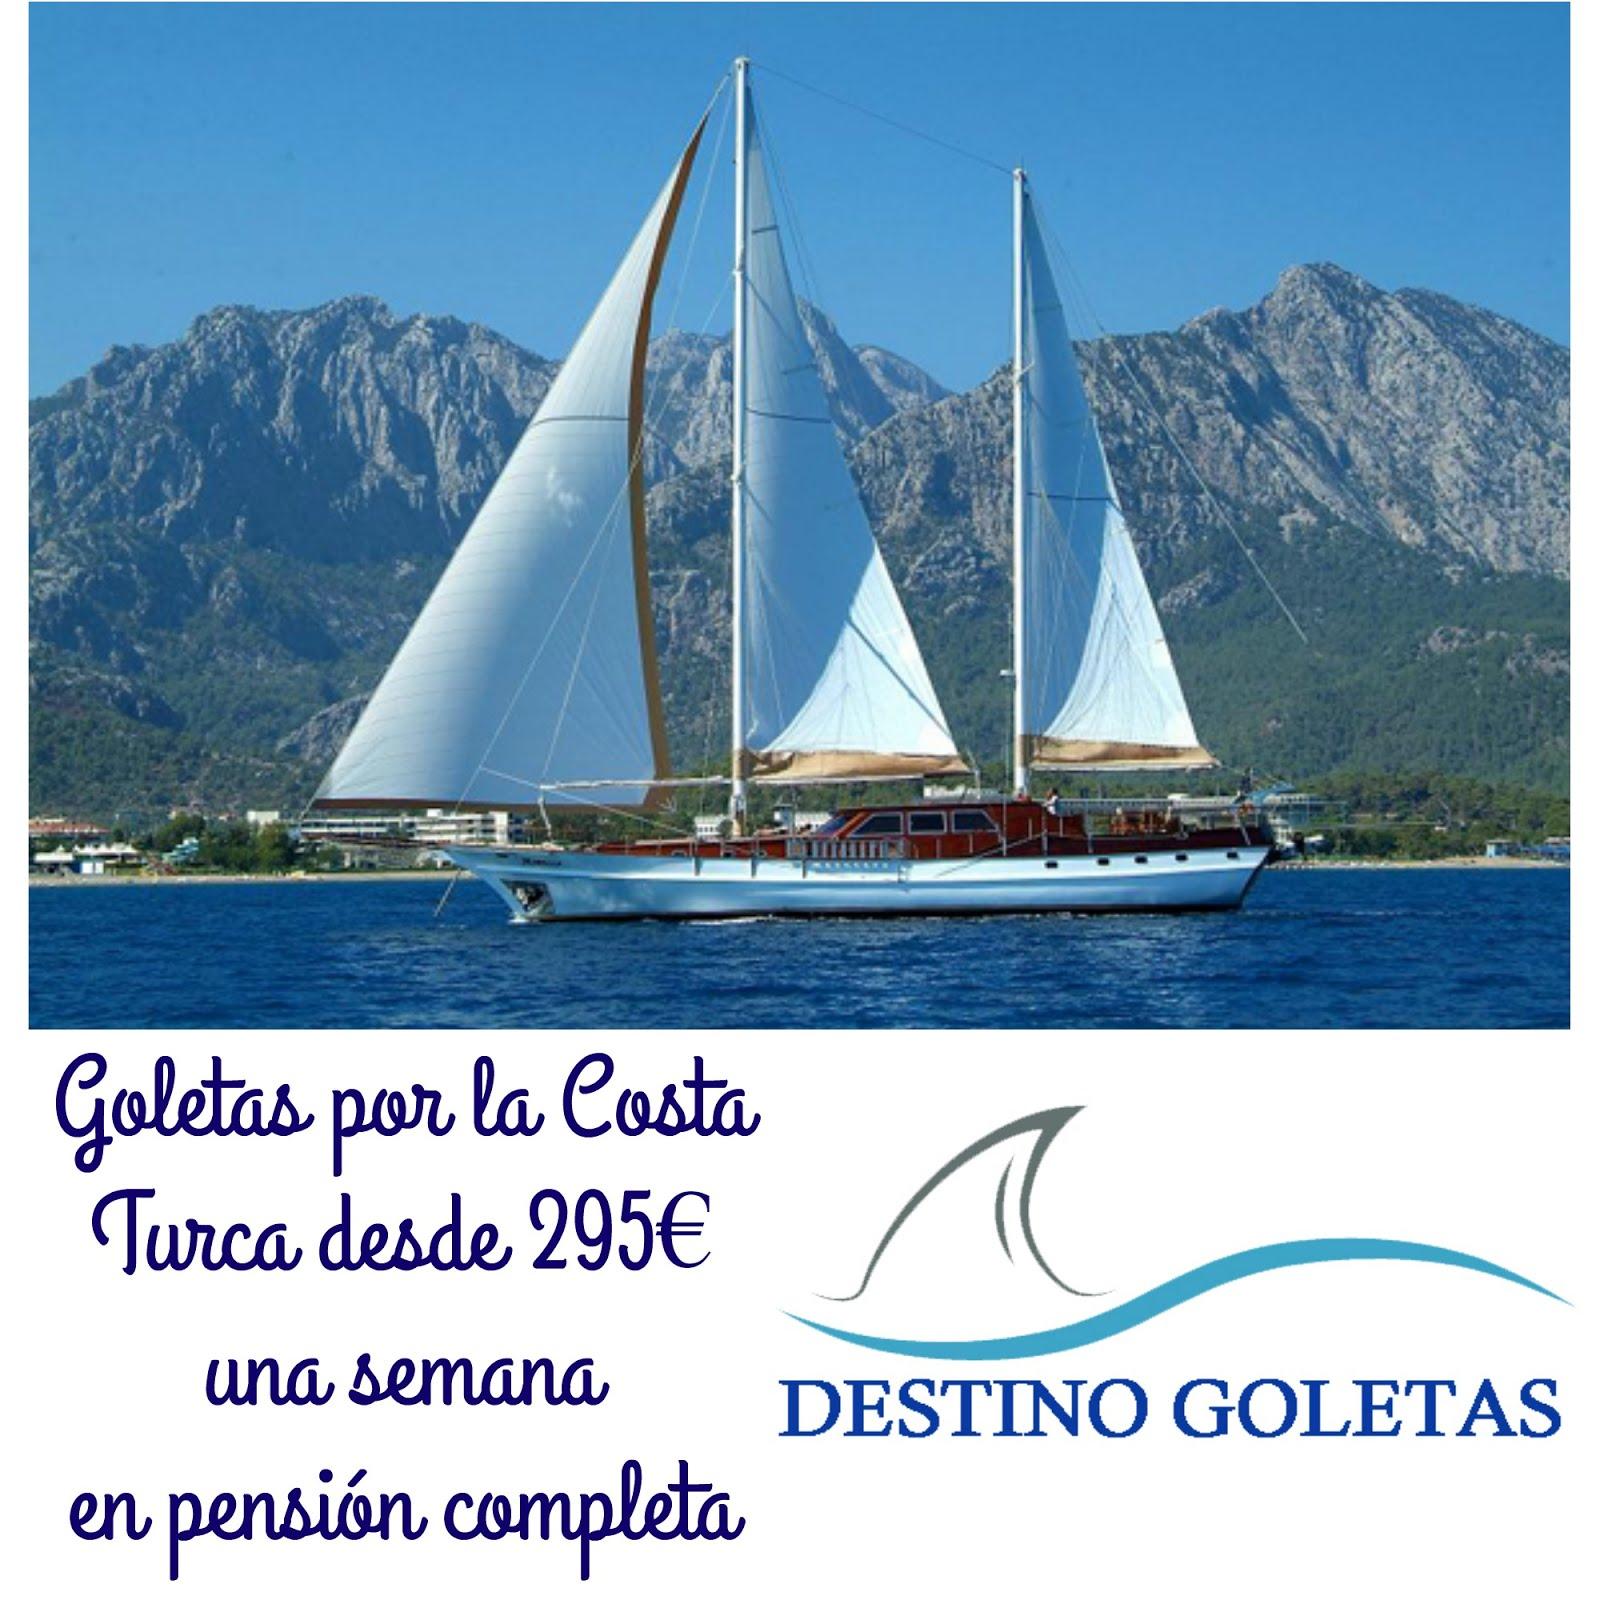 DESTINO GOLETAS